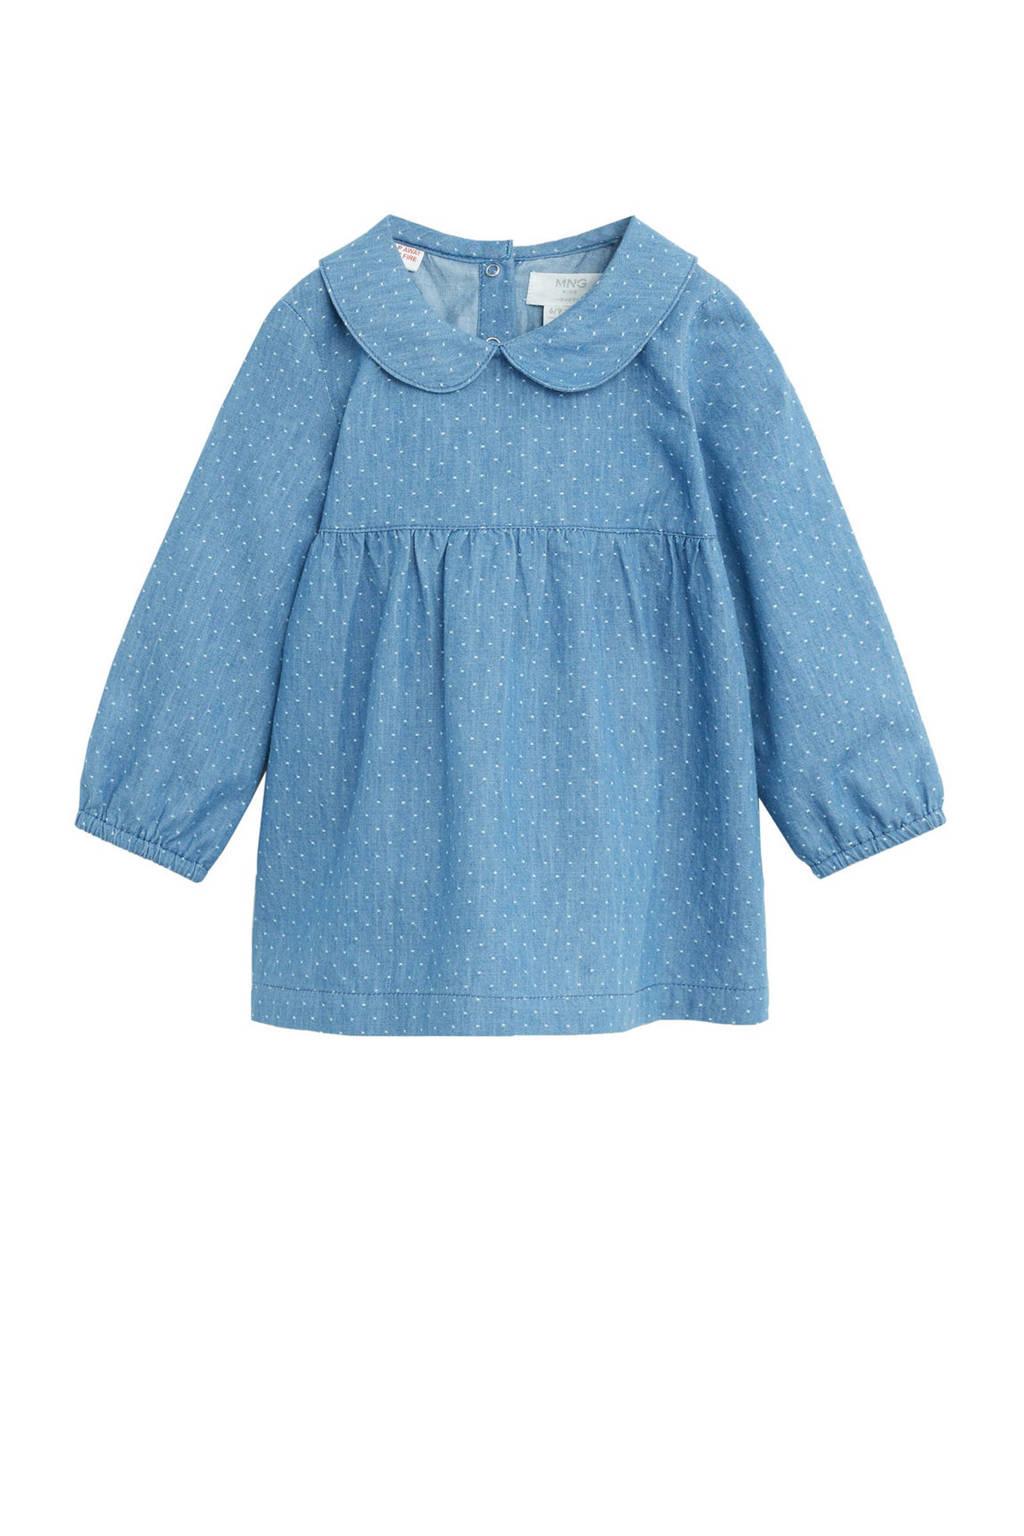 Mango Kids baby spijkerjurk met broekje met stipdessin blauw, Blauw